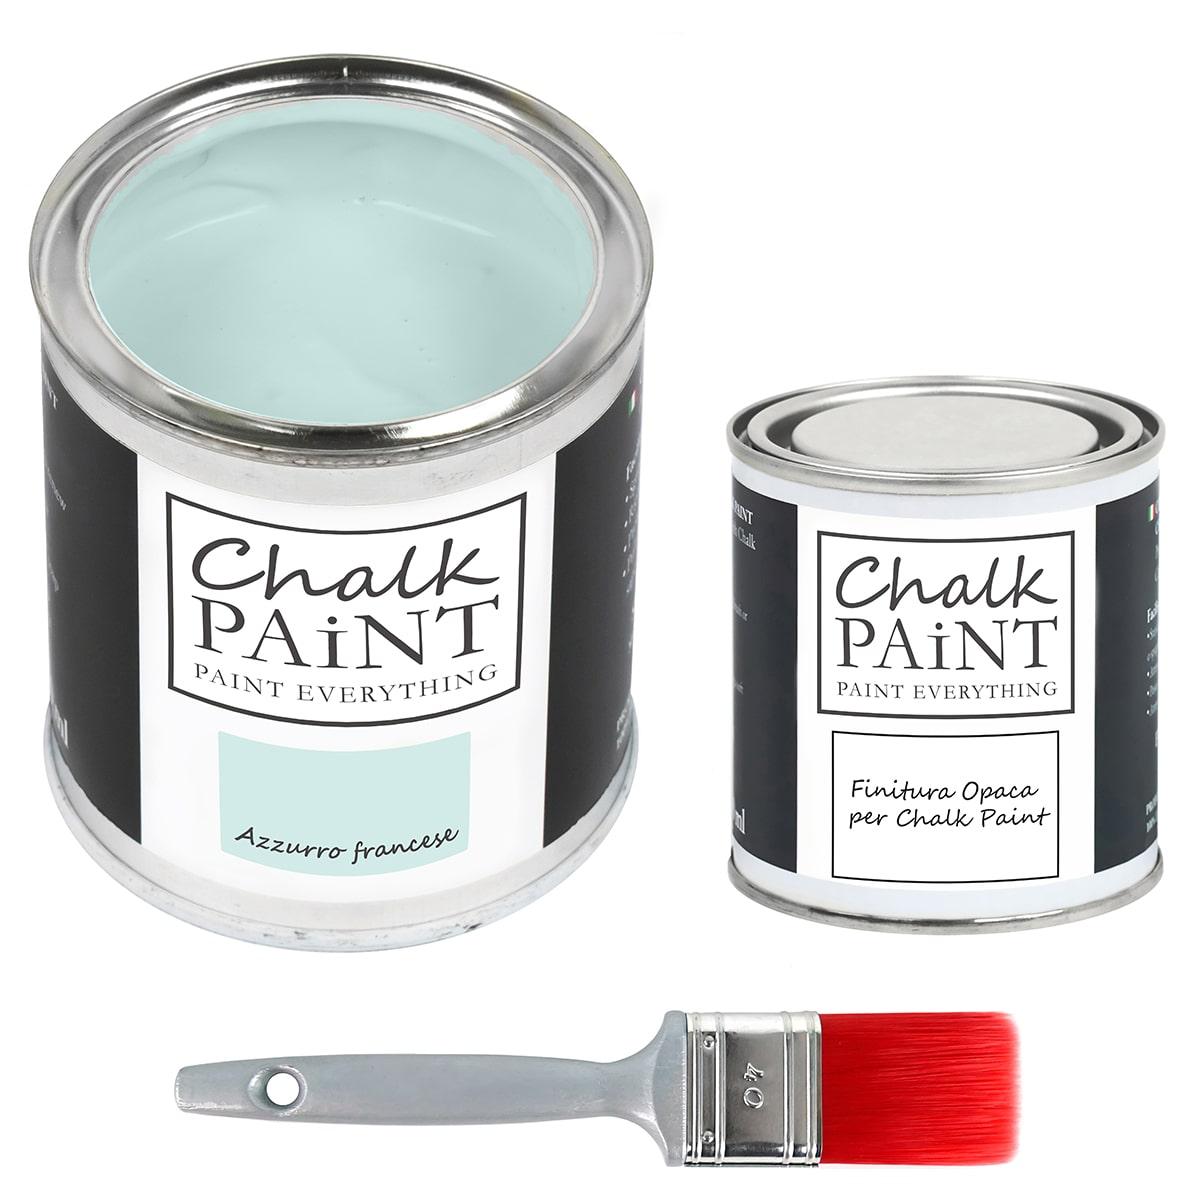 chalk paint Azzurro francese